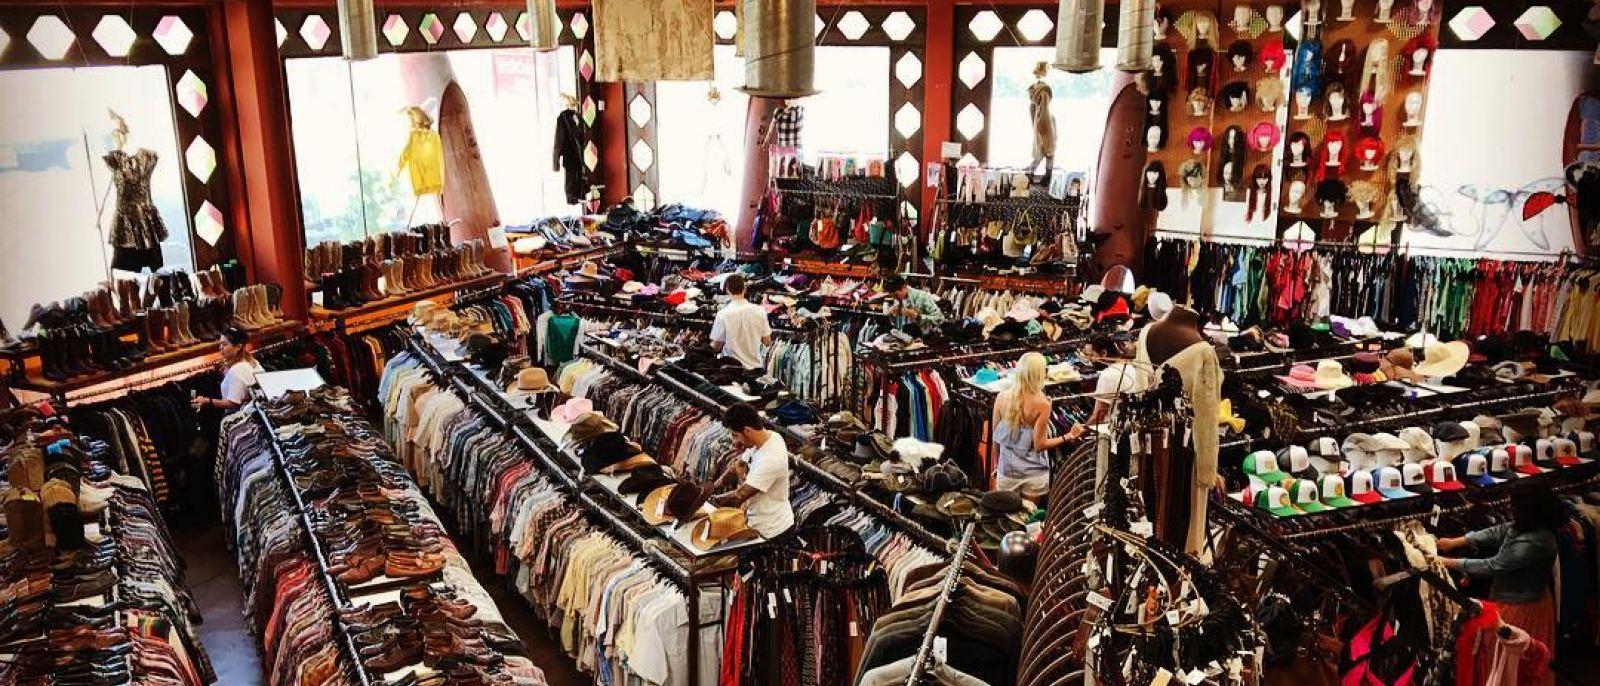 e5952ee23 Las Mejores Tiendas de Ropa Vintage (Retro) de Los Ángeles ...